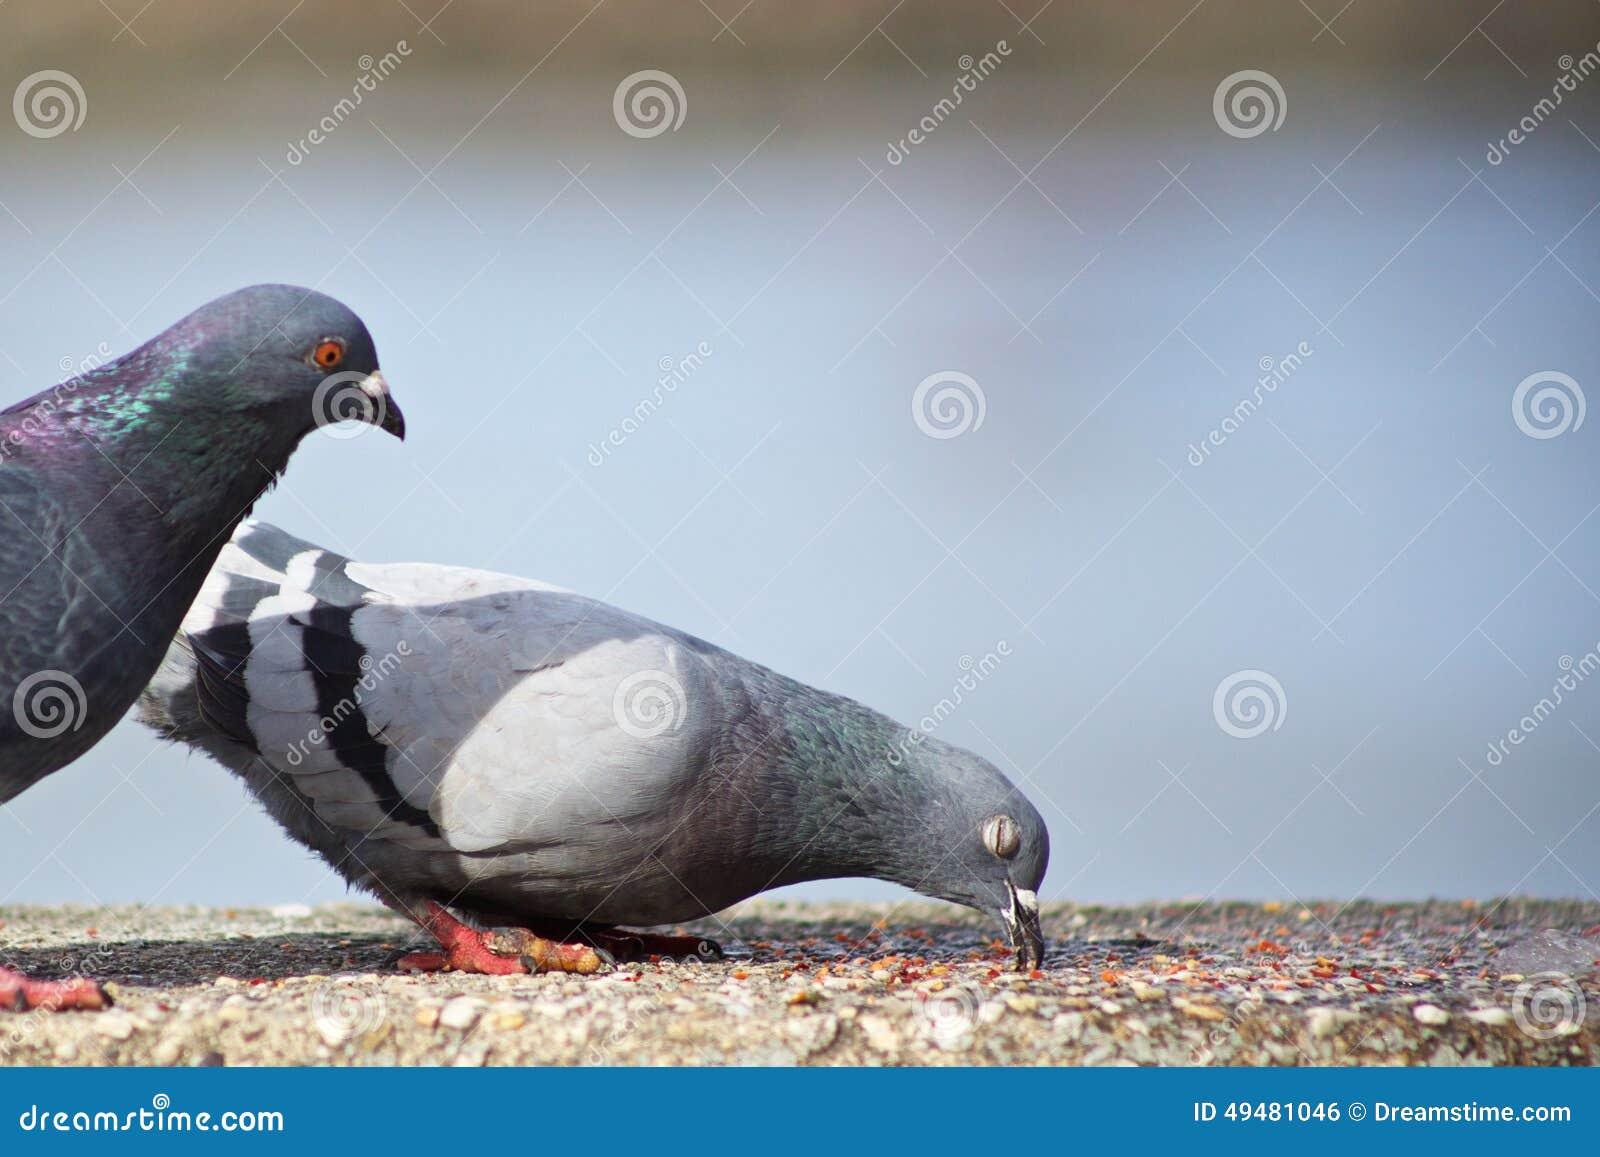 话剧鸽鸽子鸟鸟类1300_957青蛙王子动物值得看图片